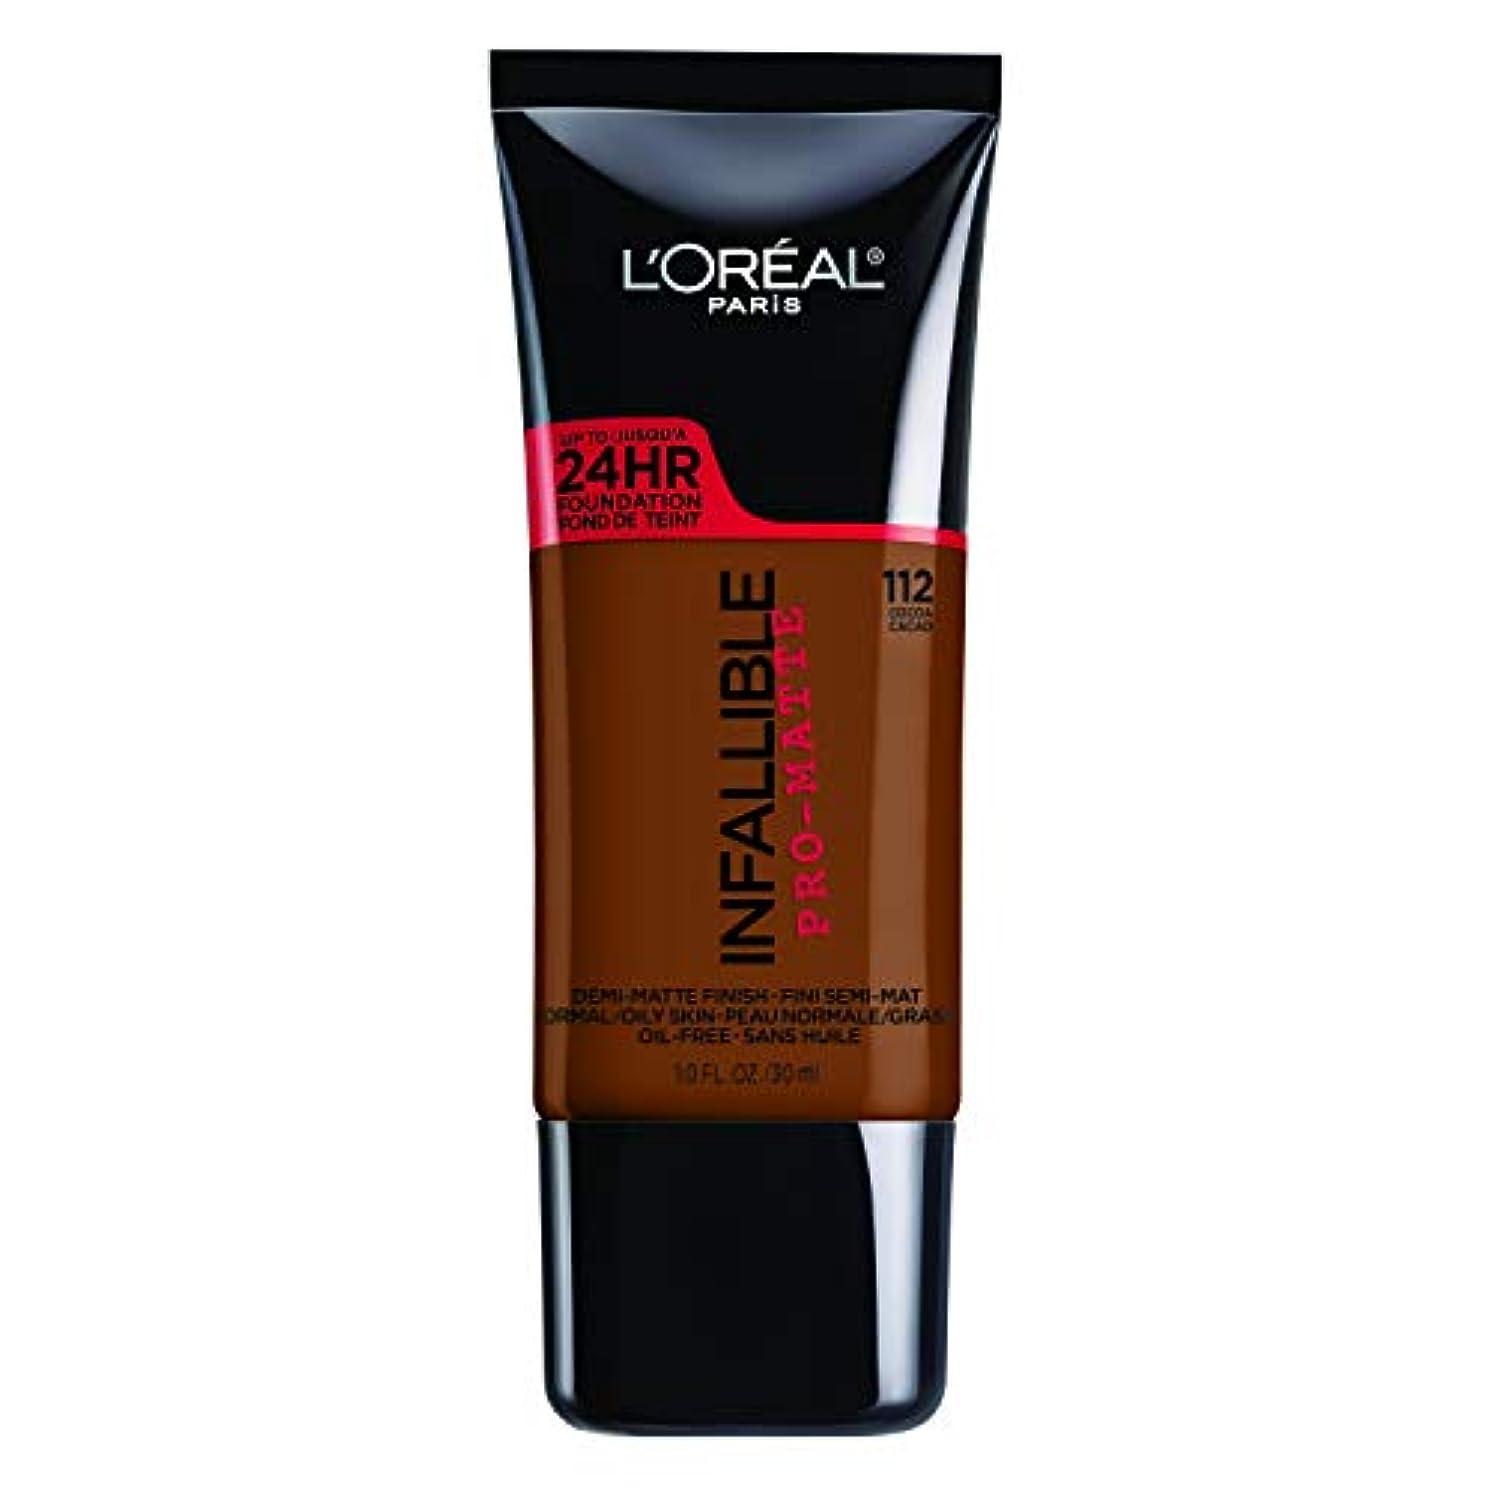 作り上げる傭兵本体L'Oreal Paris Infallible Pro-Matte Foundation Makeup, 112 Cocoa, 1 fl. oz[並行輸入品]